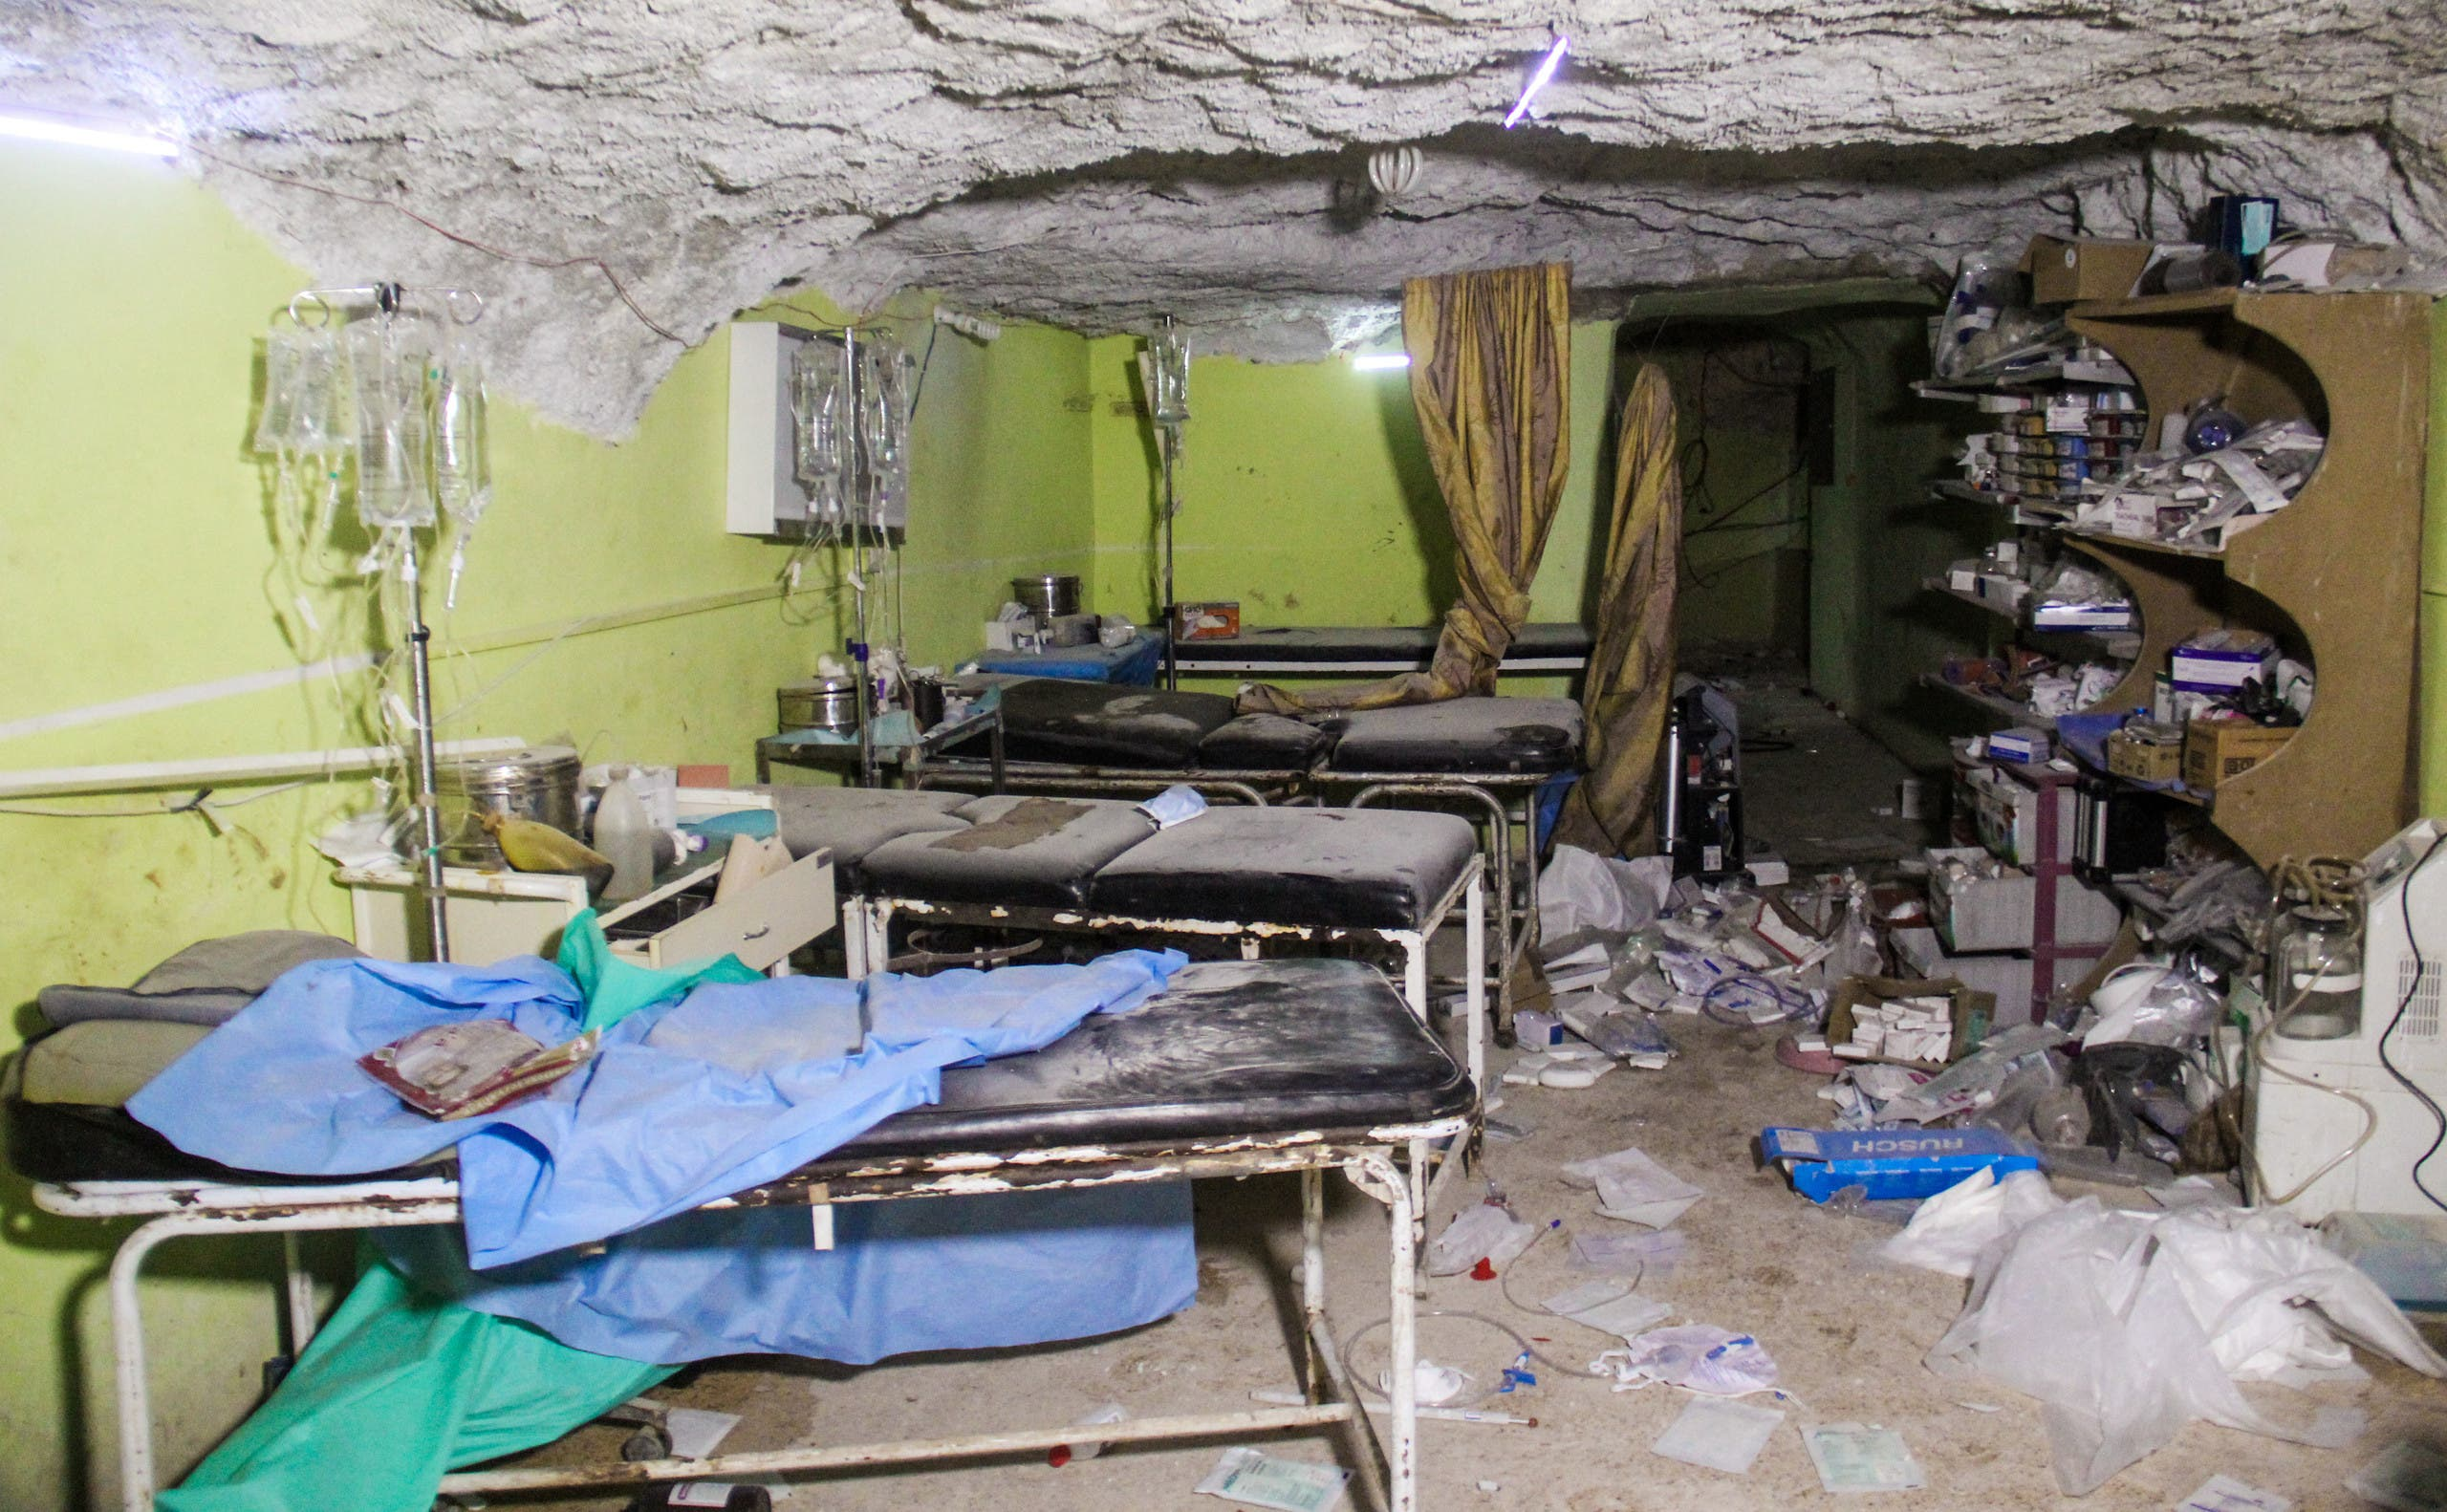 غرفة مدمرة في مستشفى في خان شيخون بعد الهجوم الكيمياوي في 2017